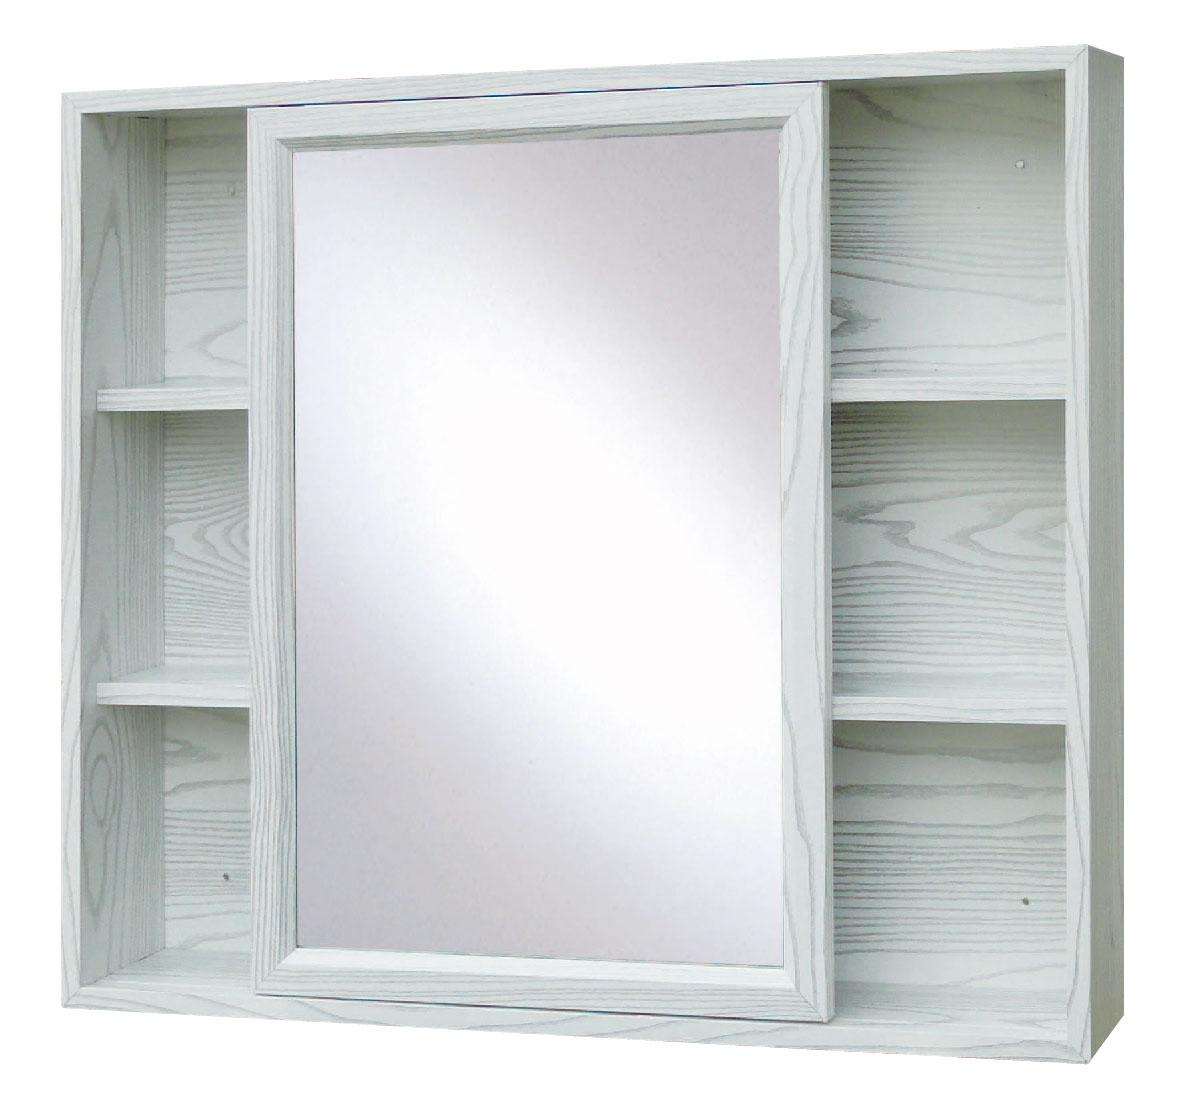 LE03-AL871 太空鋁活動鏡箱(80X70cm)-白橡木.jpg